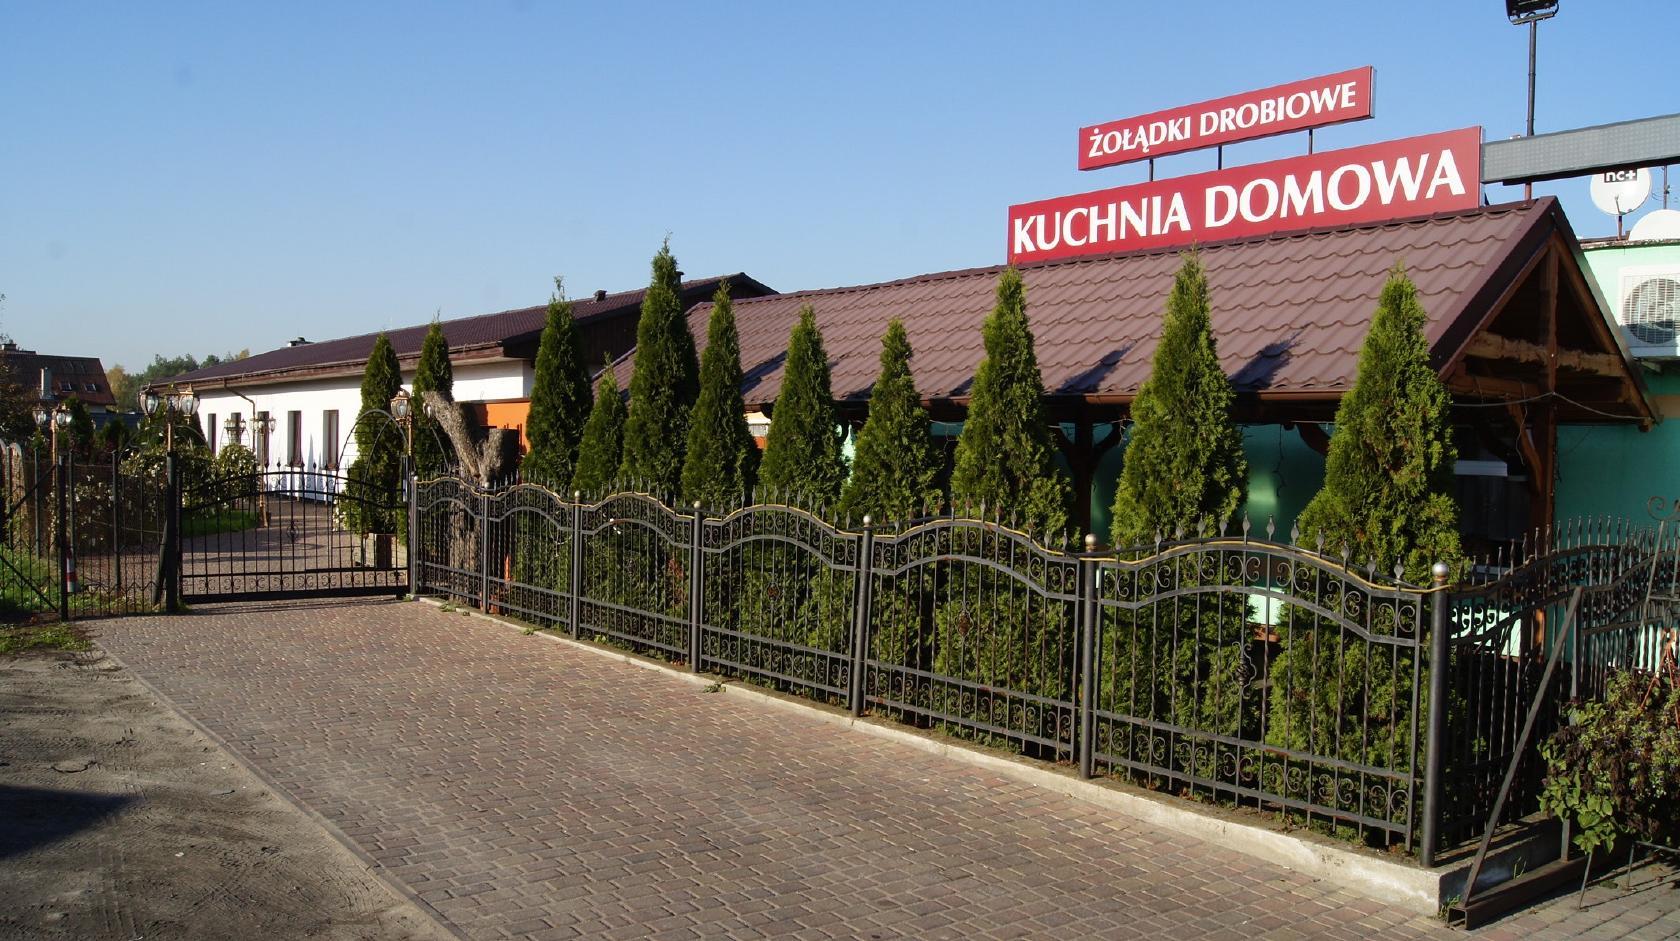 Kuchnia Domowa żołądki Drobiowe Restaurant Dolna Grupa